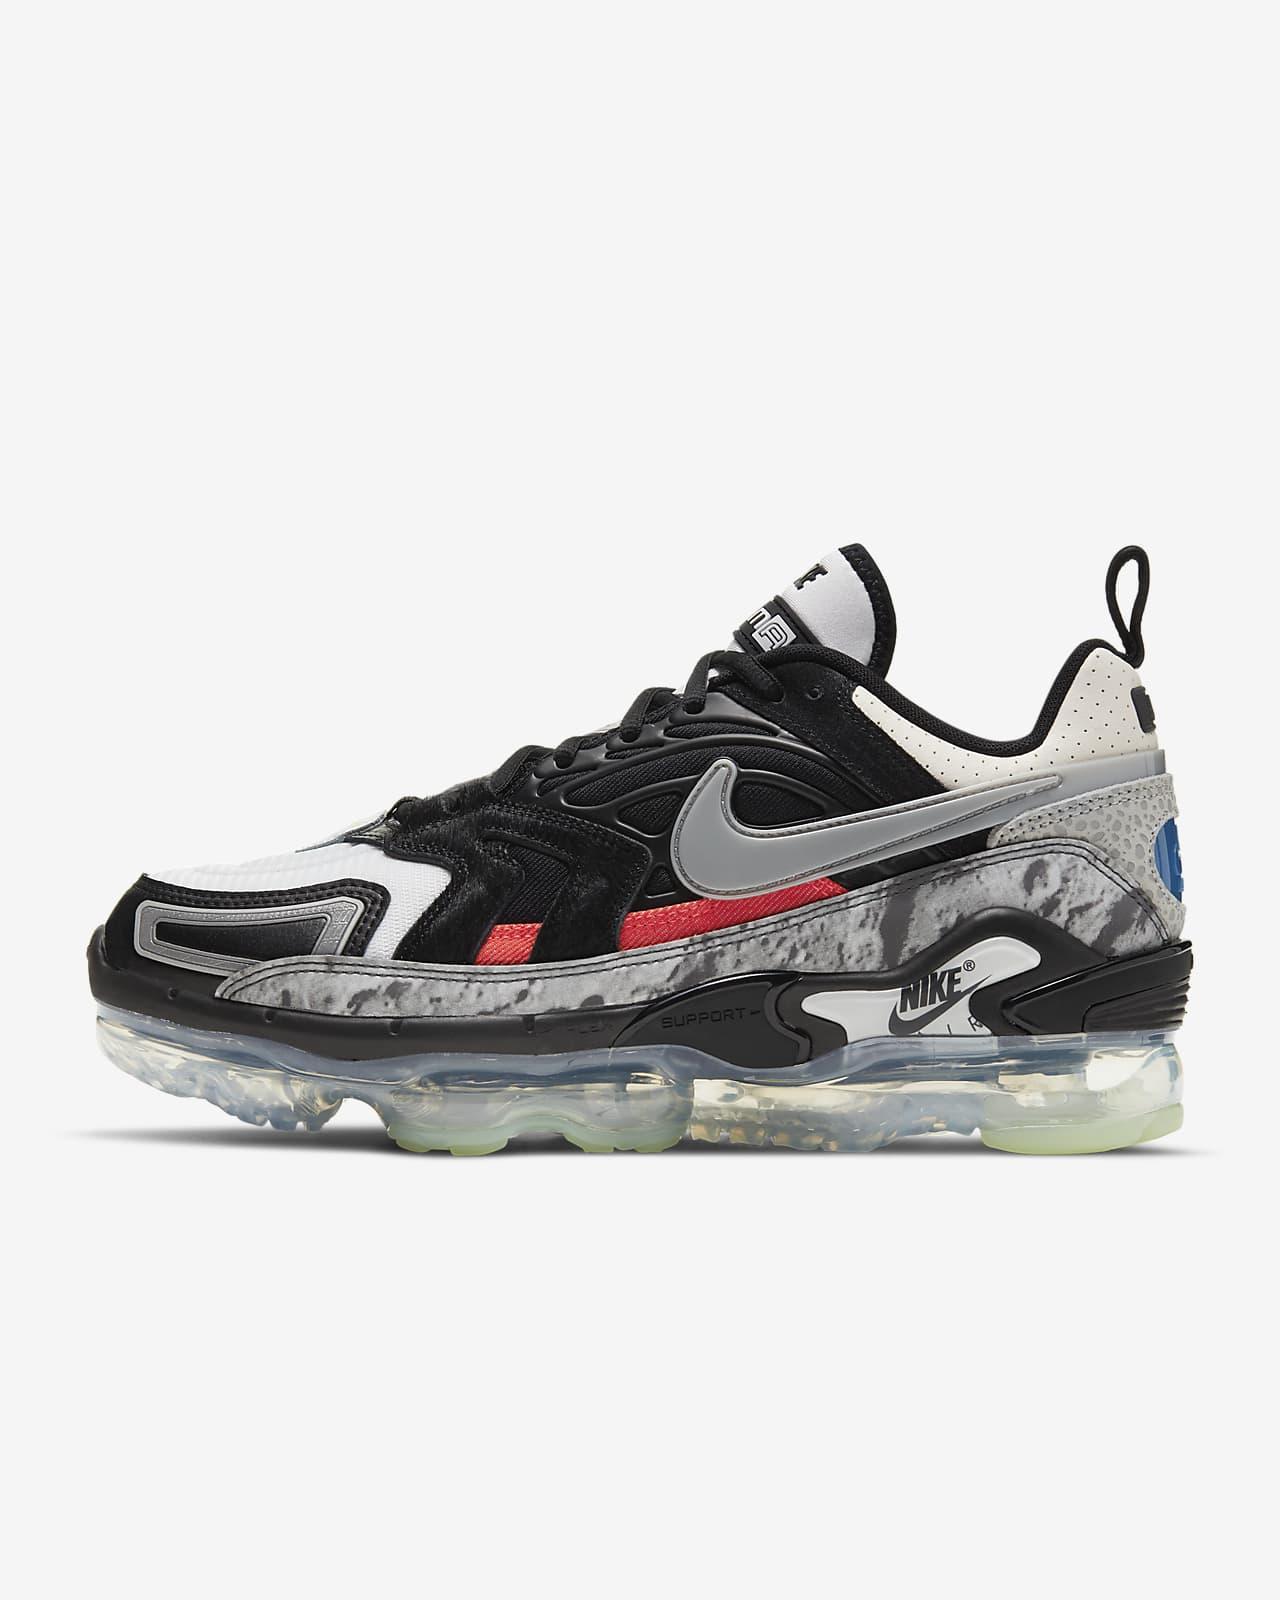 Nike Air VaporMax EVO NRG 男子运动鞋